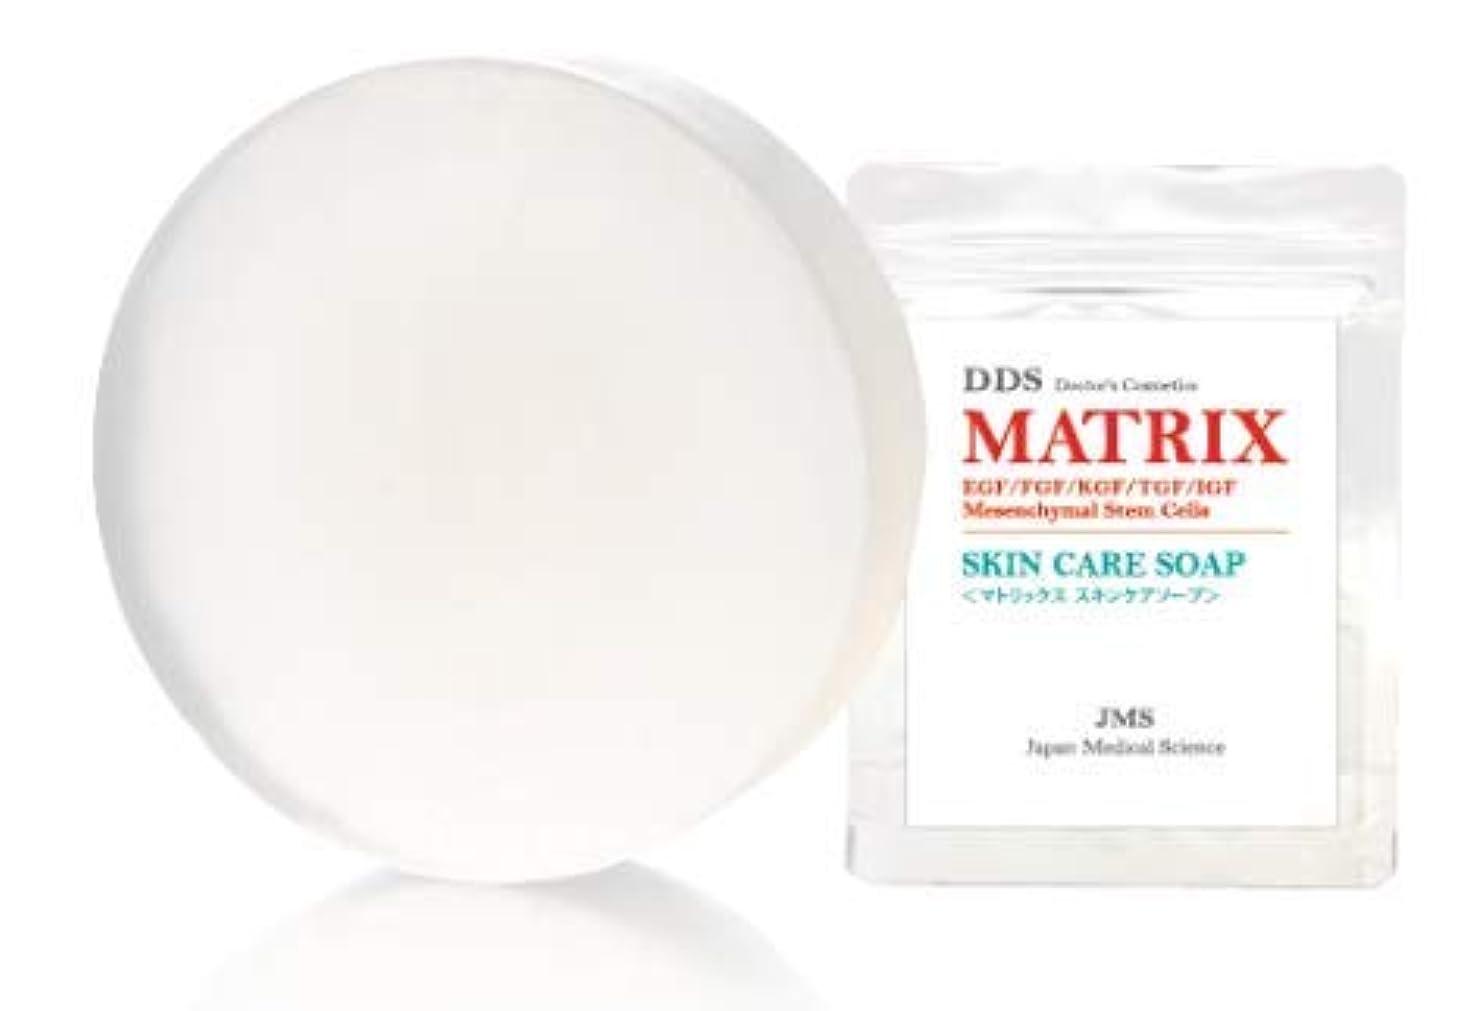 権威目的経由でDDS MATRIX SKIN CARE SOAP(マトリックス スキンケア ソープ)80g 洗顔石鹸 全身にも